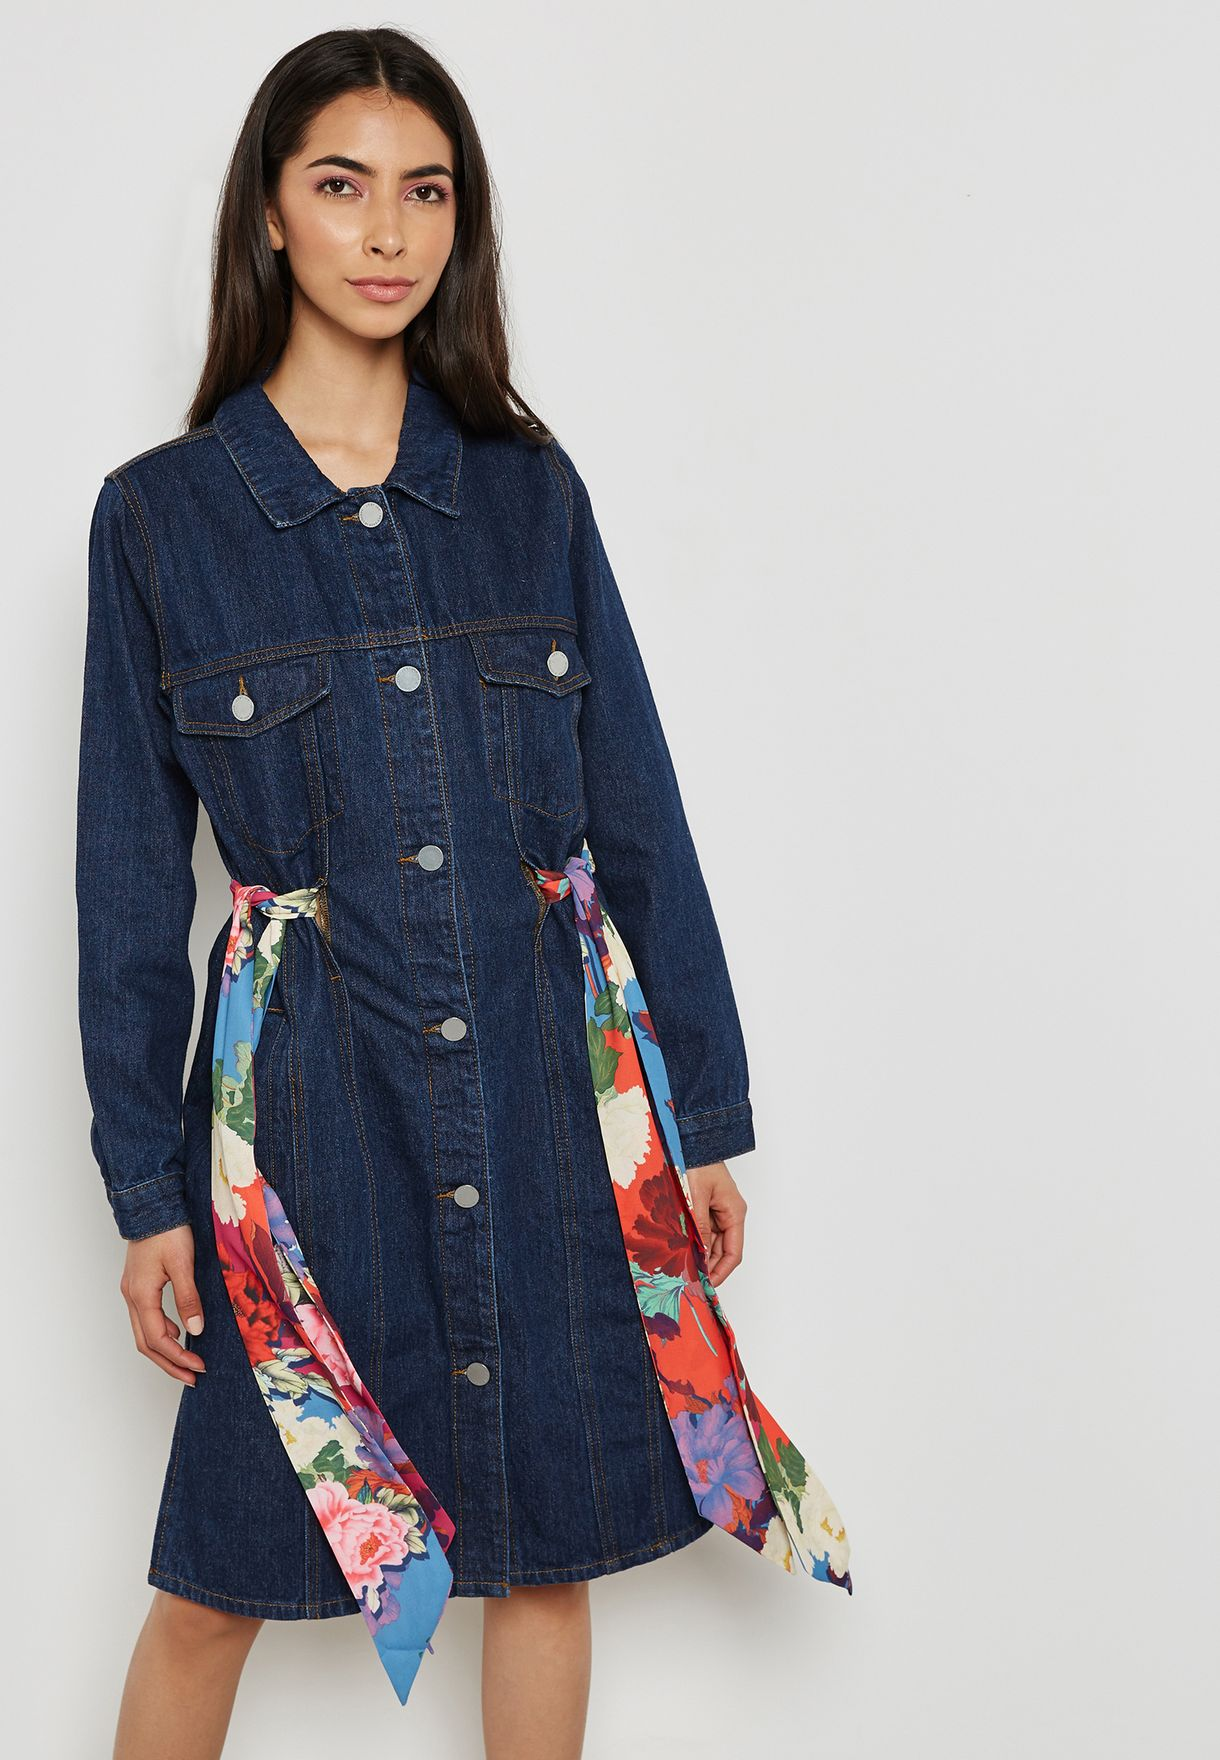 فستان جينز مع أربطة بطبعات